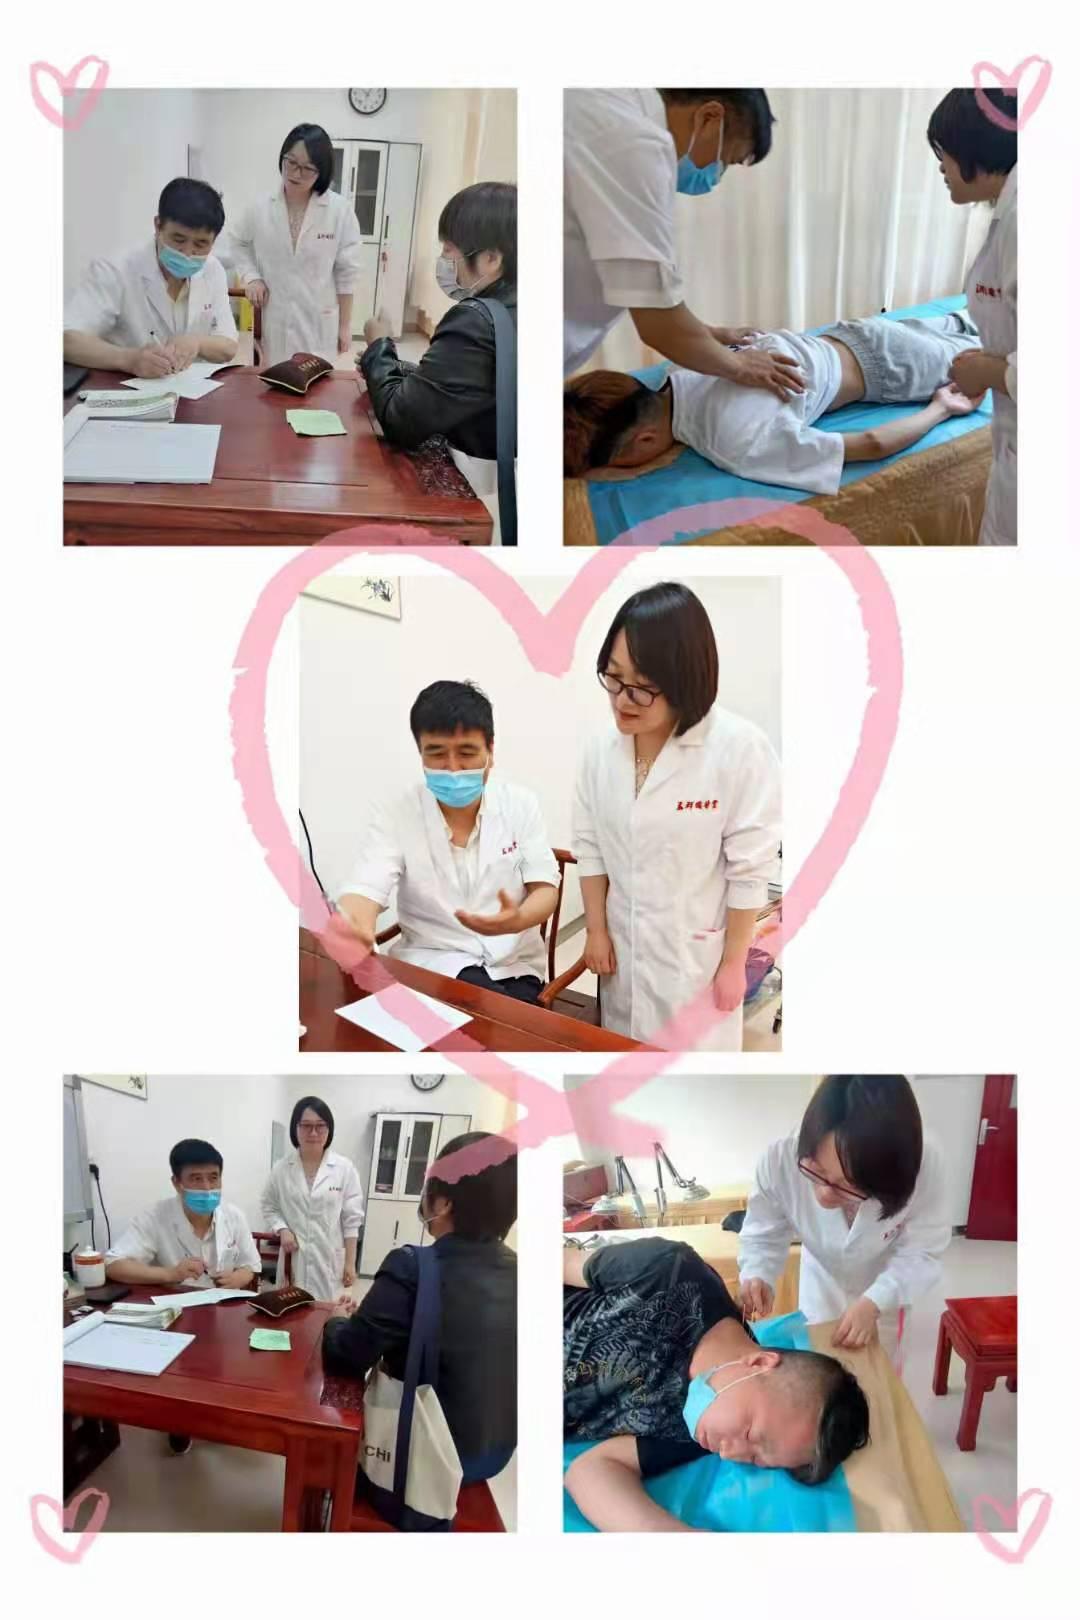 咸阳中医培训学校每一位学员在实习期间都有专业的针灸师随行